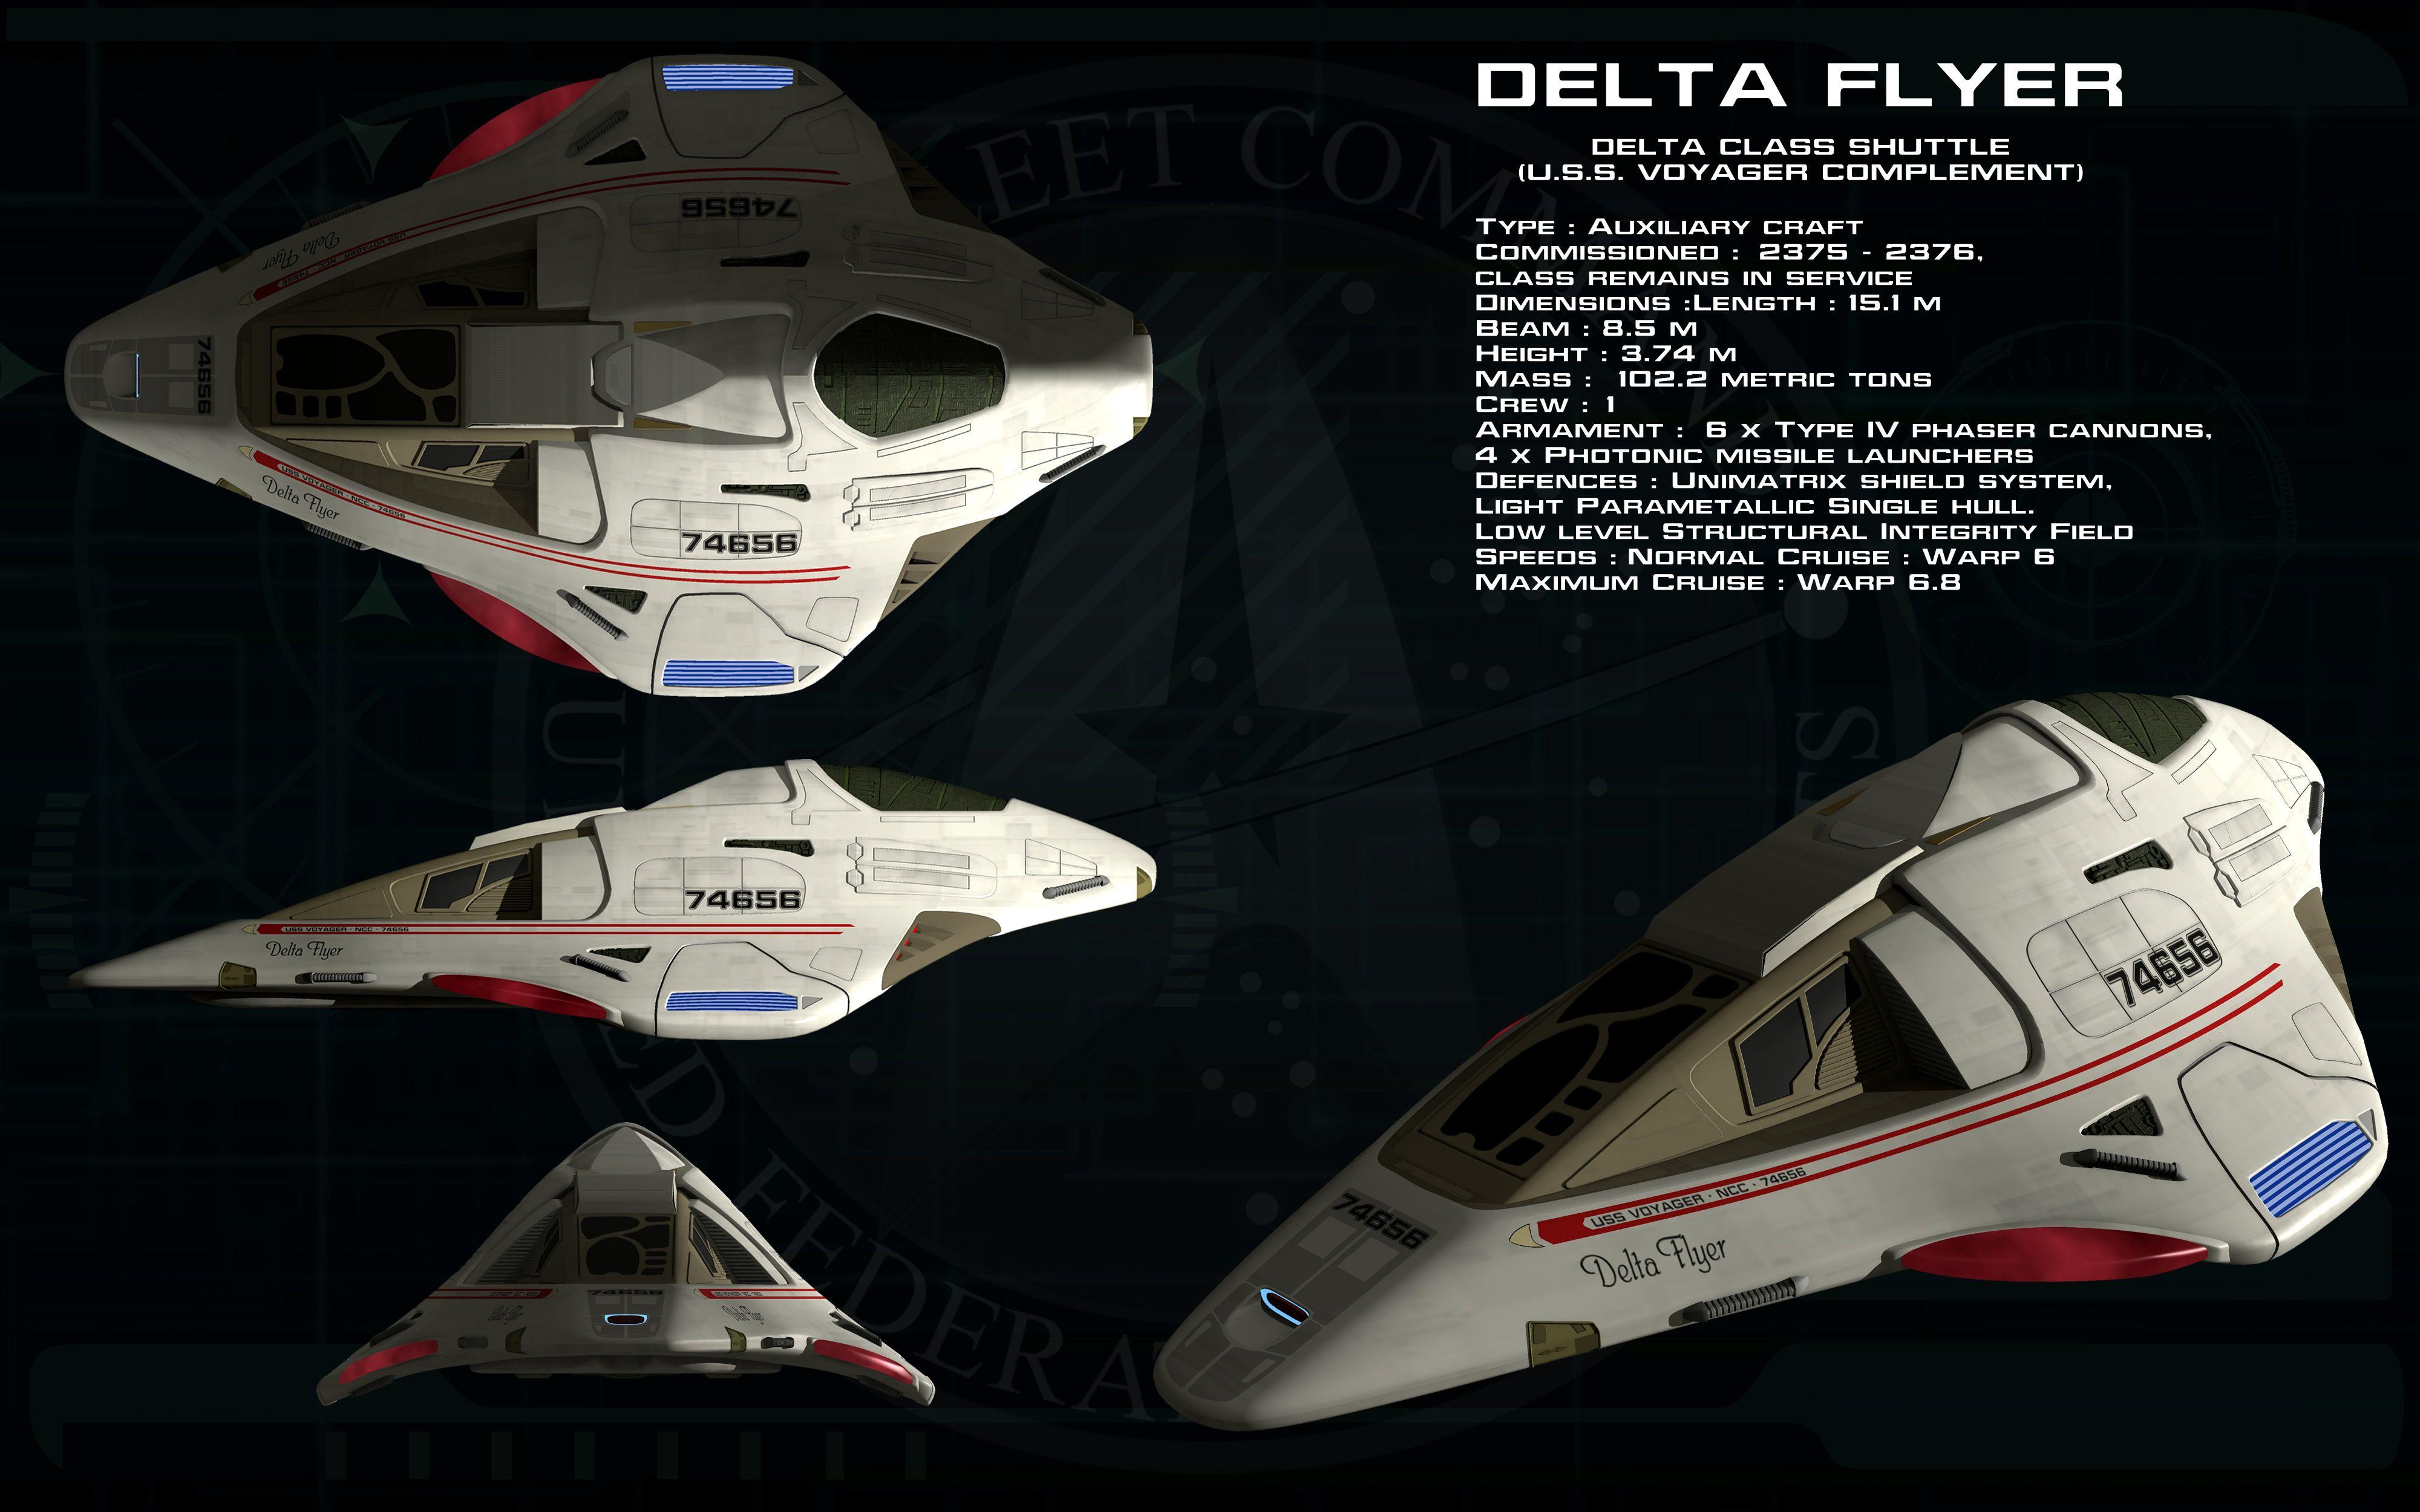 Delta Flyer Schematics Star Trek Engineering Images This Pinterest And